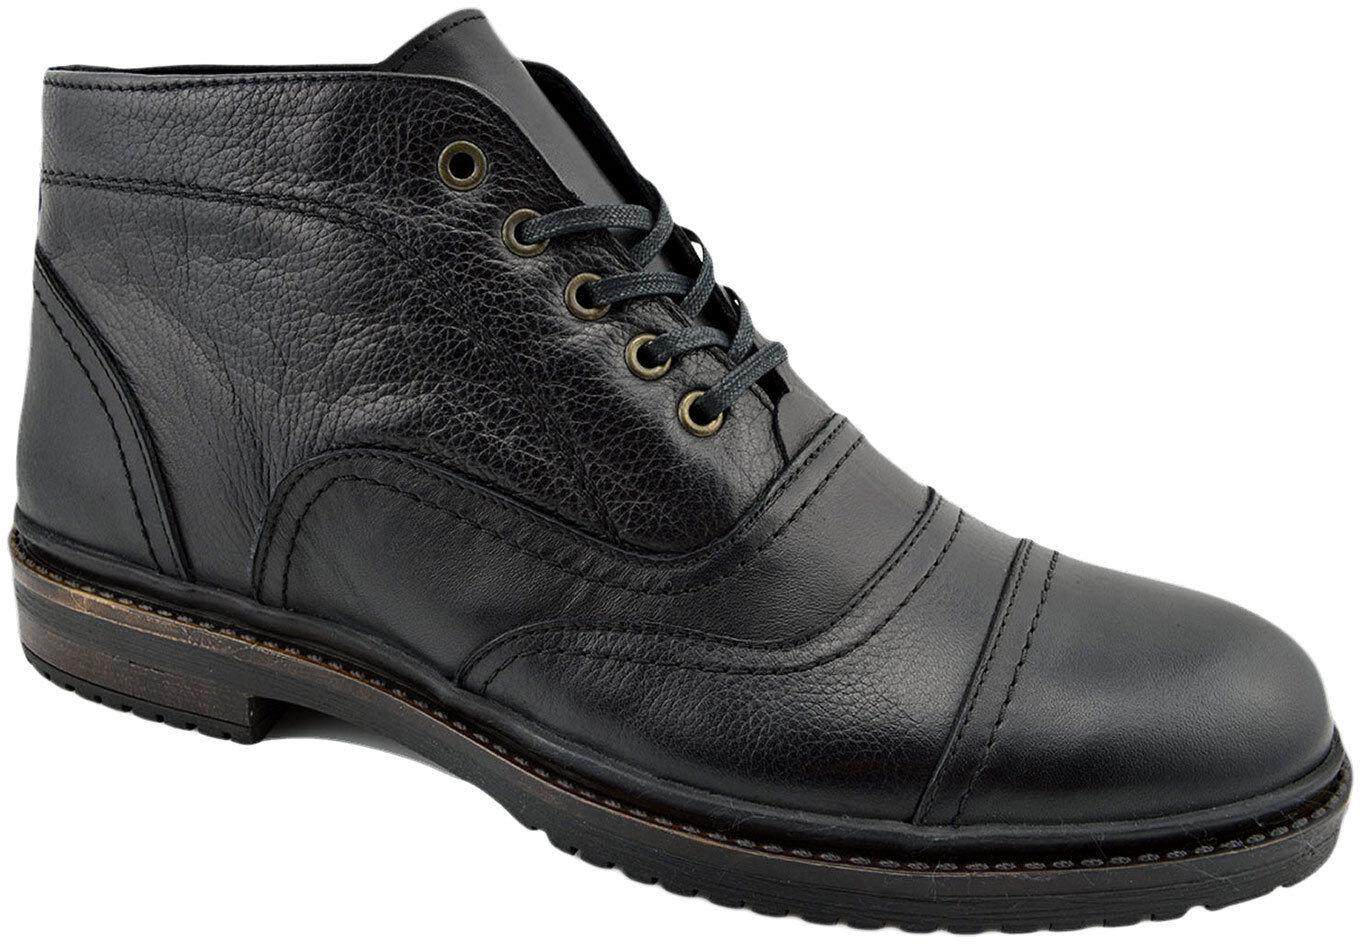 200 REACTOR Black Calf Leather CAP TOE Oxfords Ankle Boots Men shoes